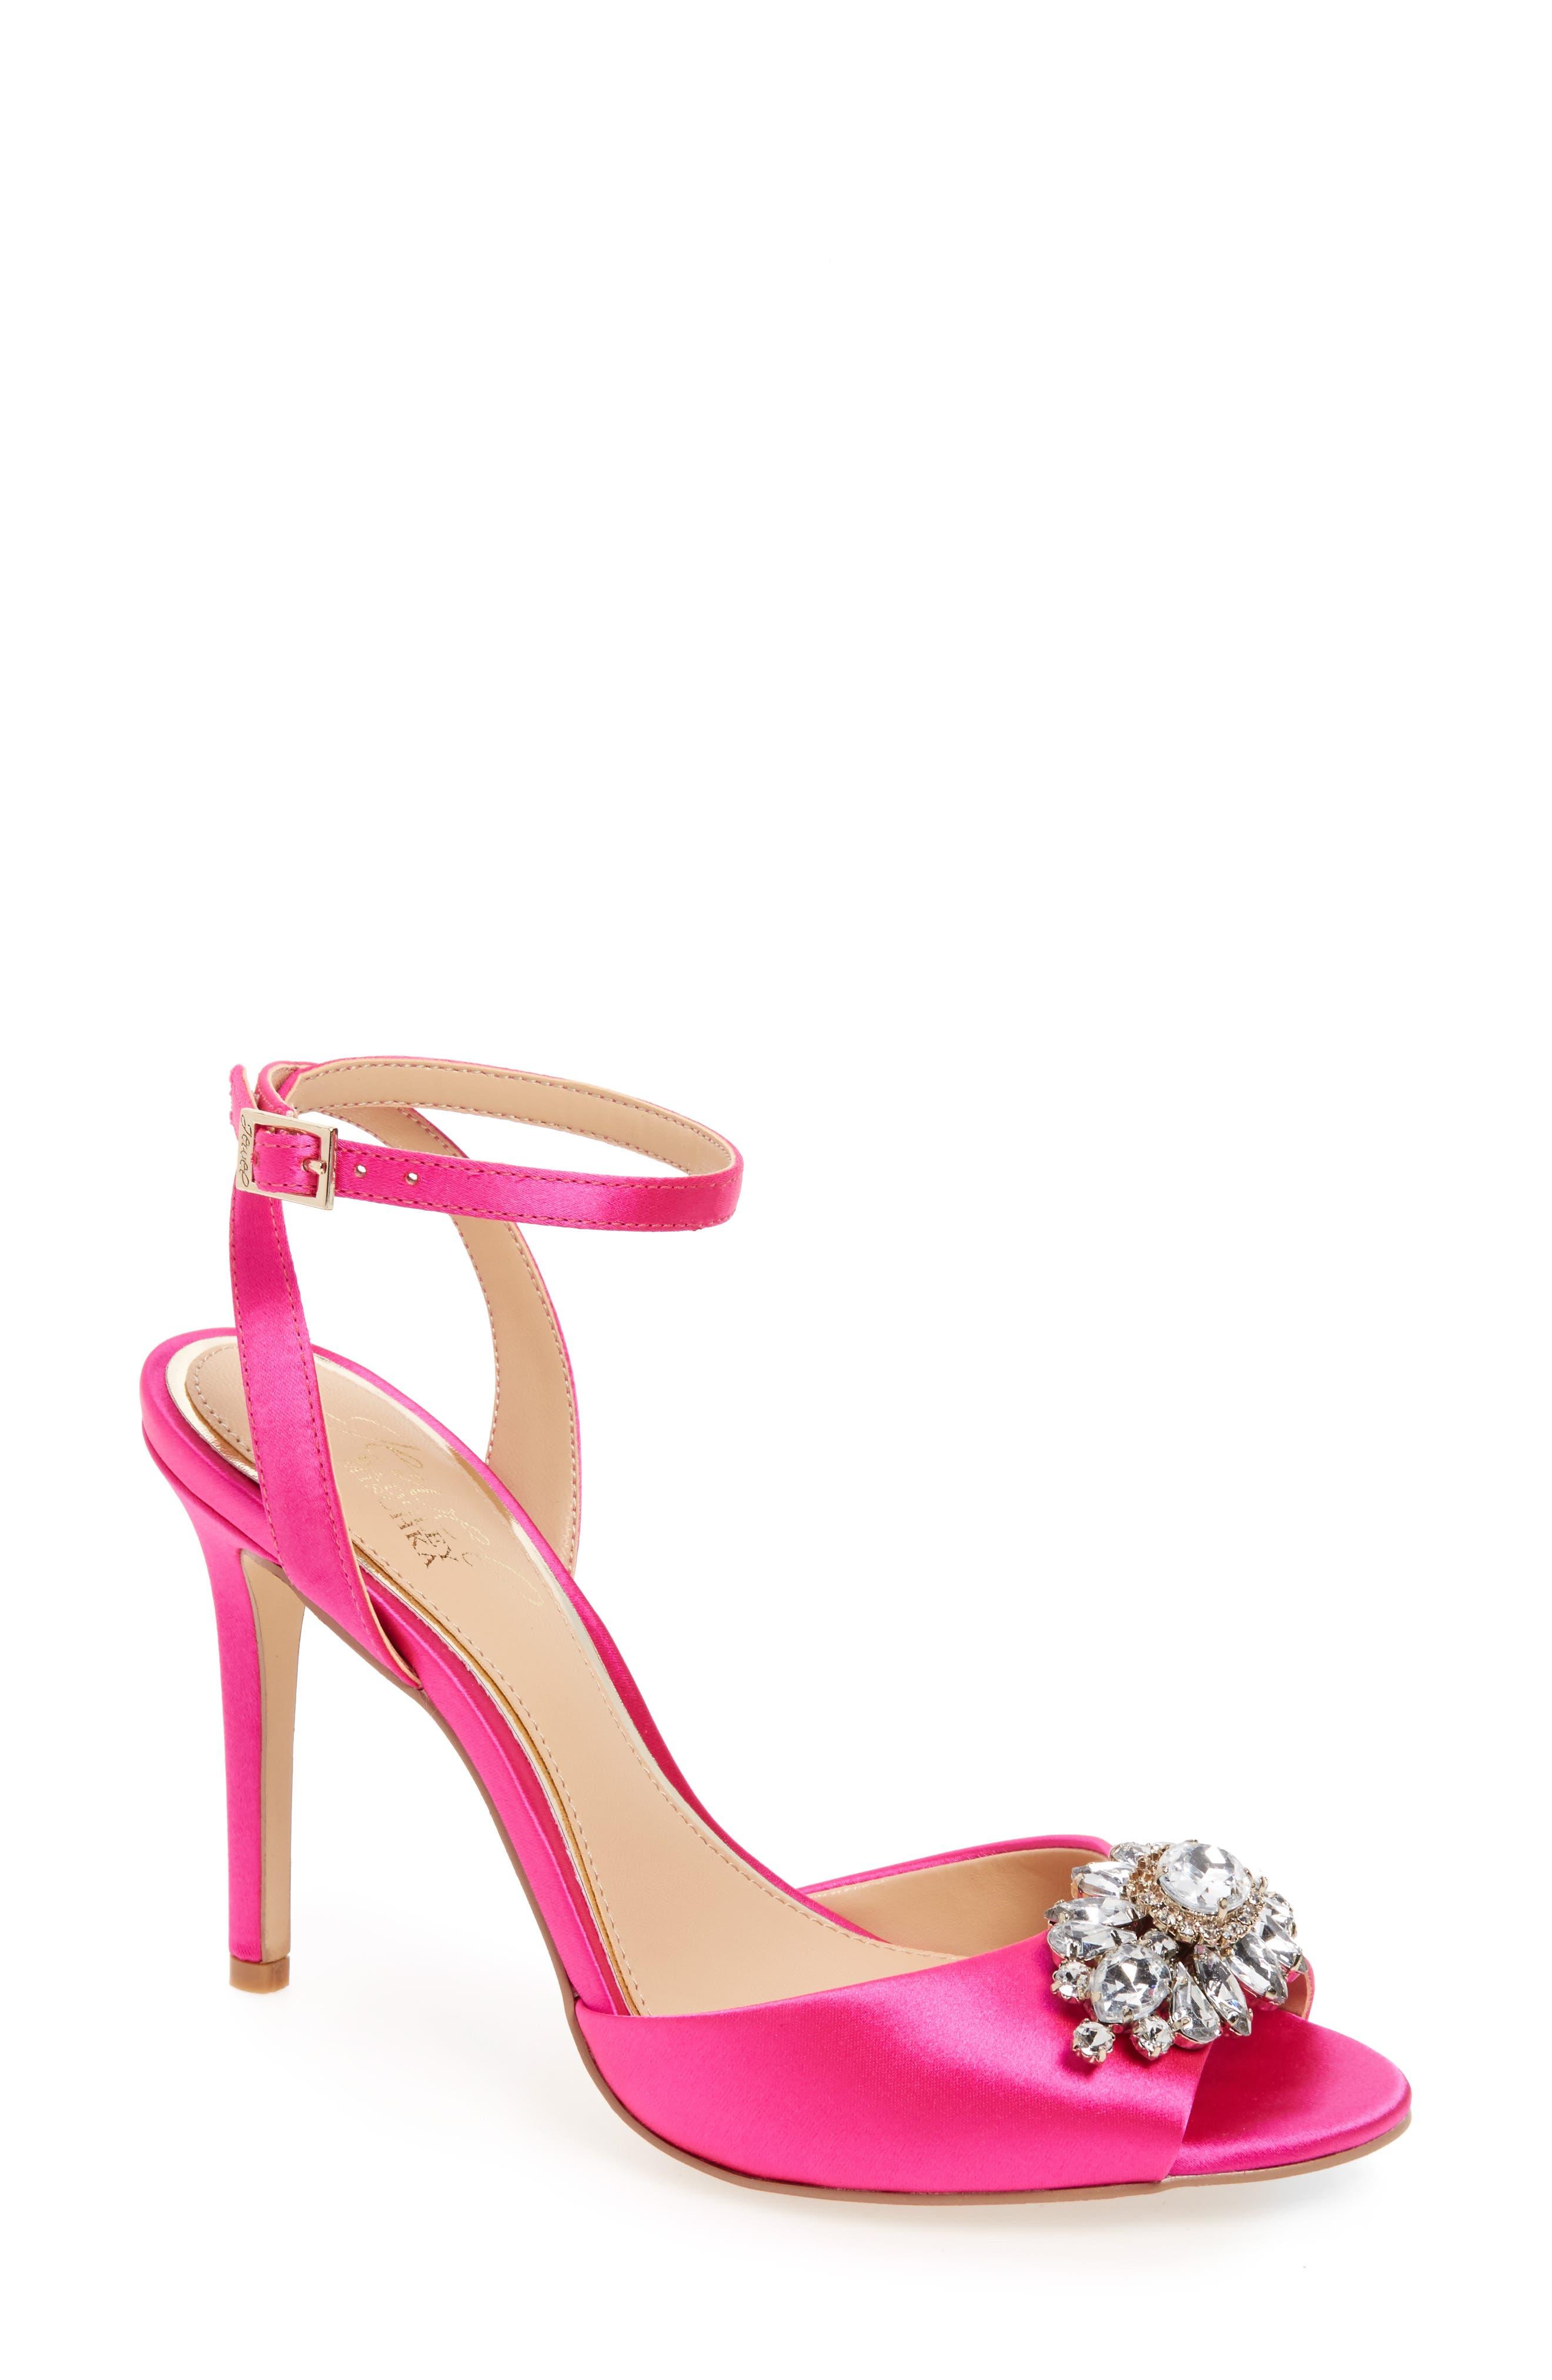 Main Image - Jewel Badgley Mischka Hayden Embellished Ankle Strap Sandal (Women)